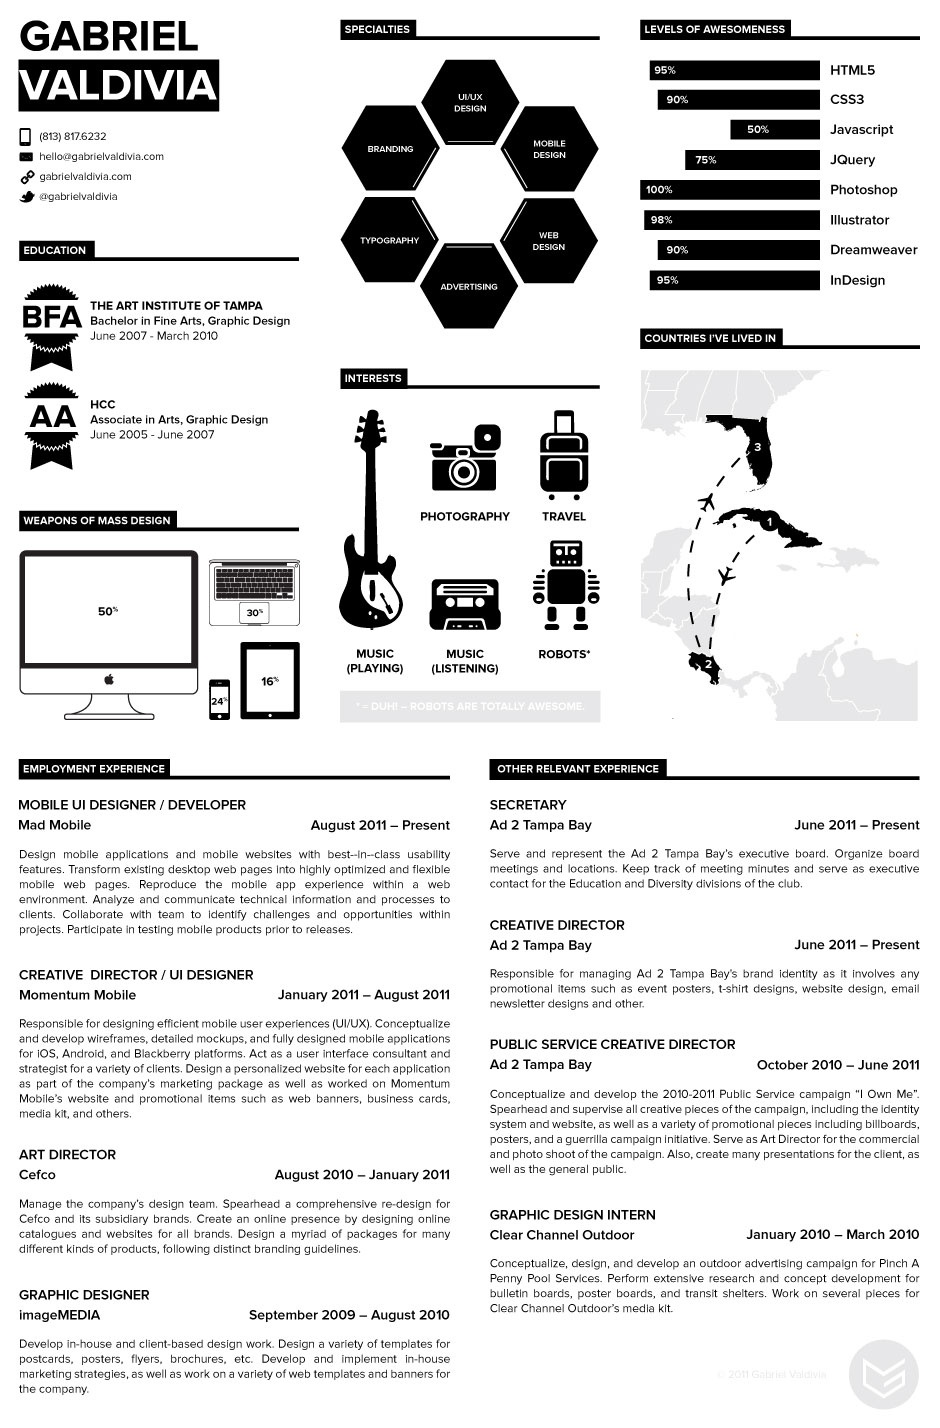 Gvaldivia resume